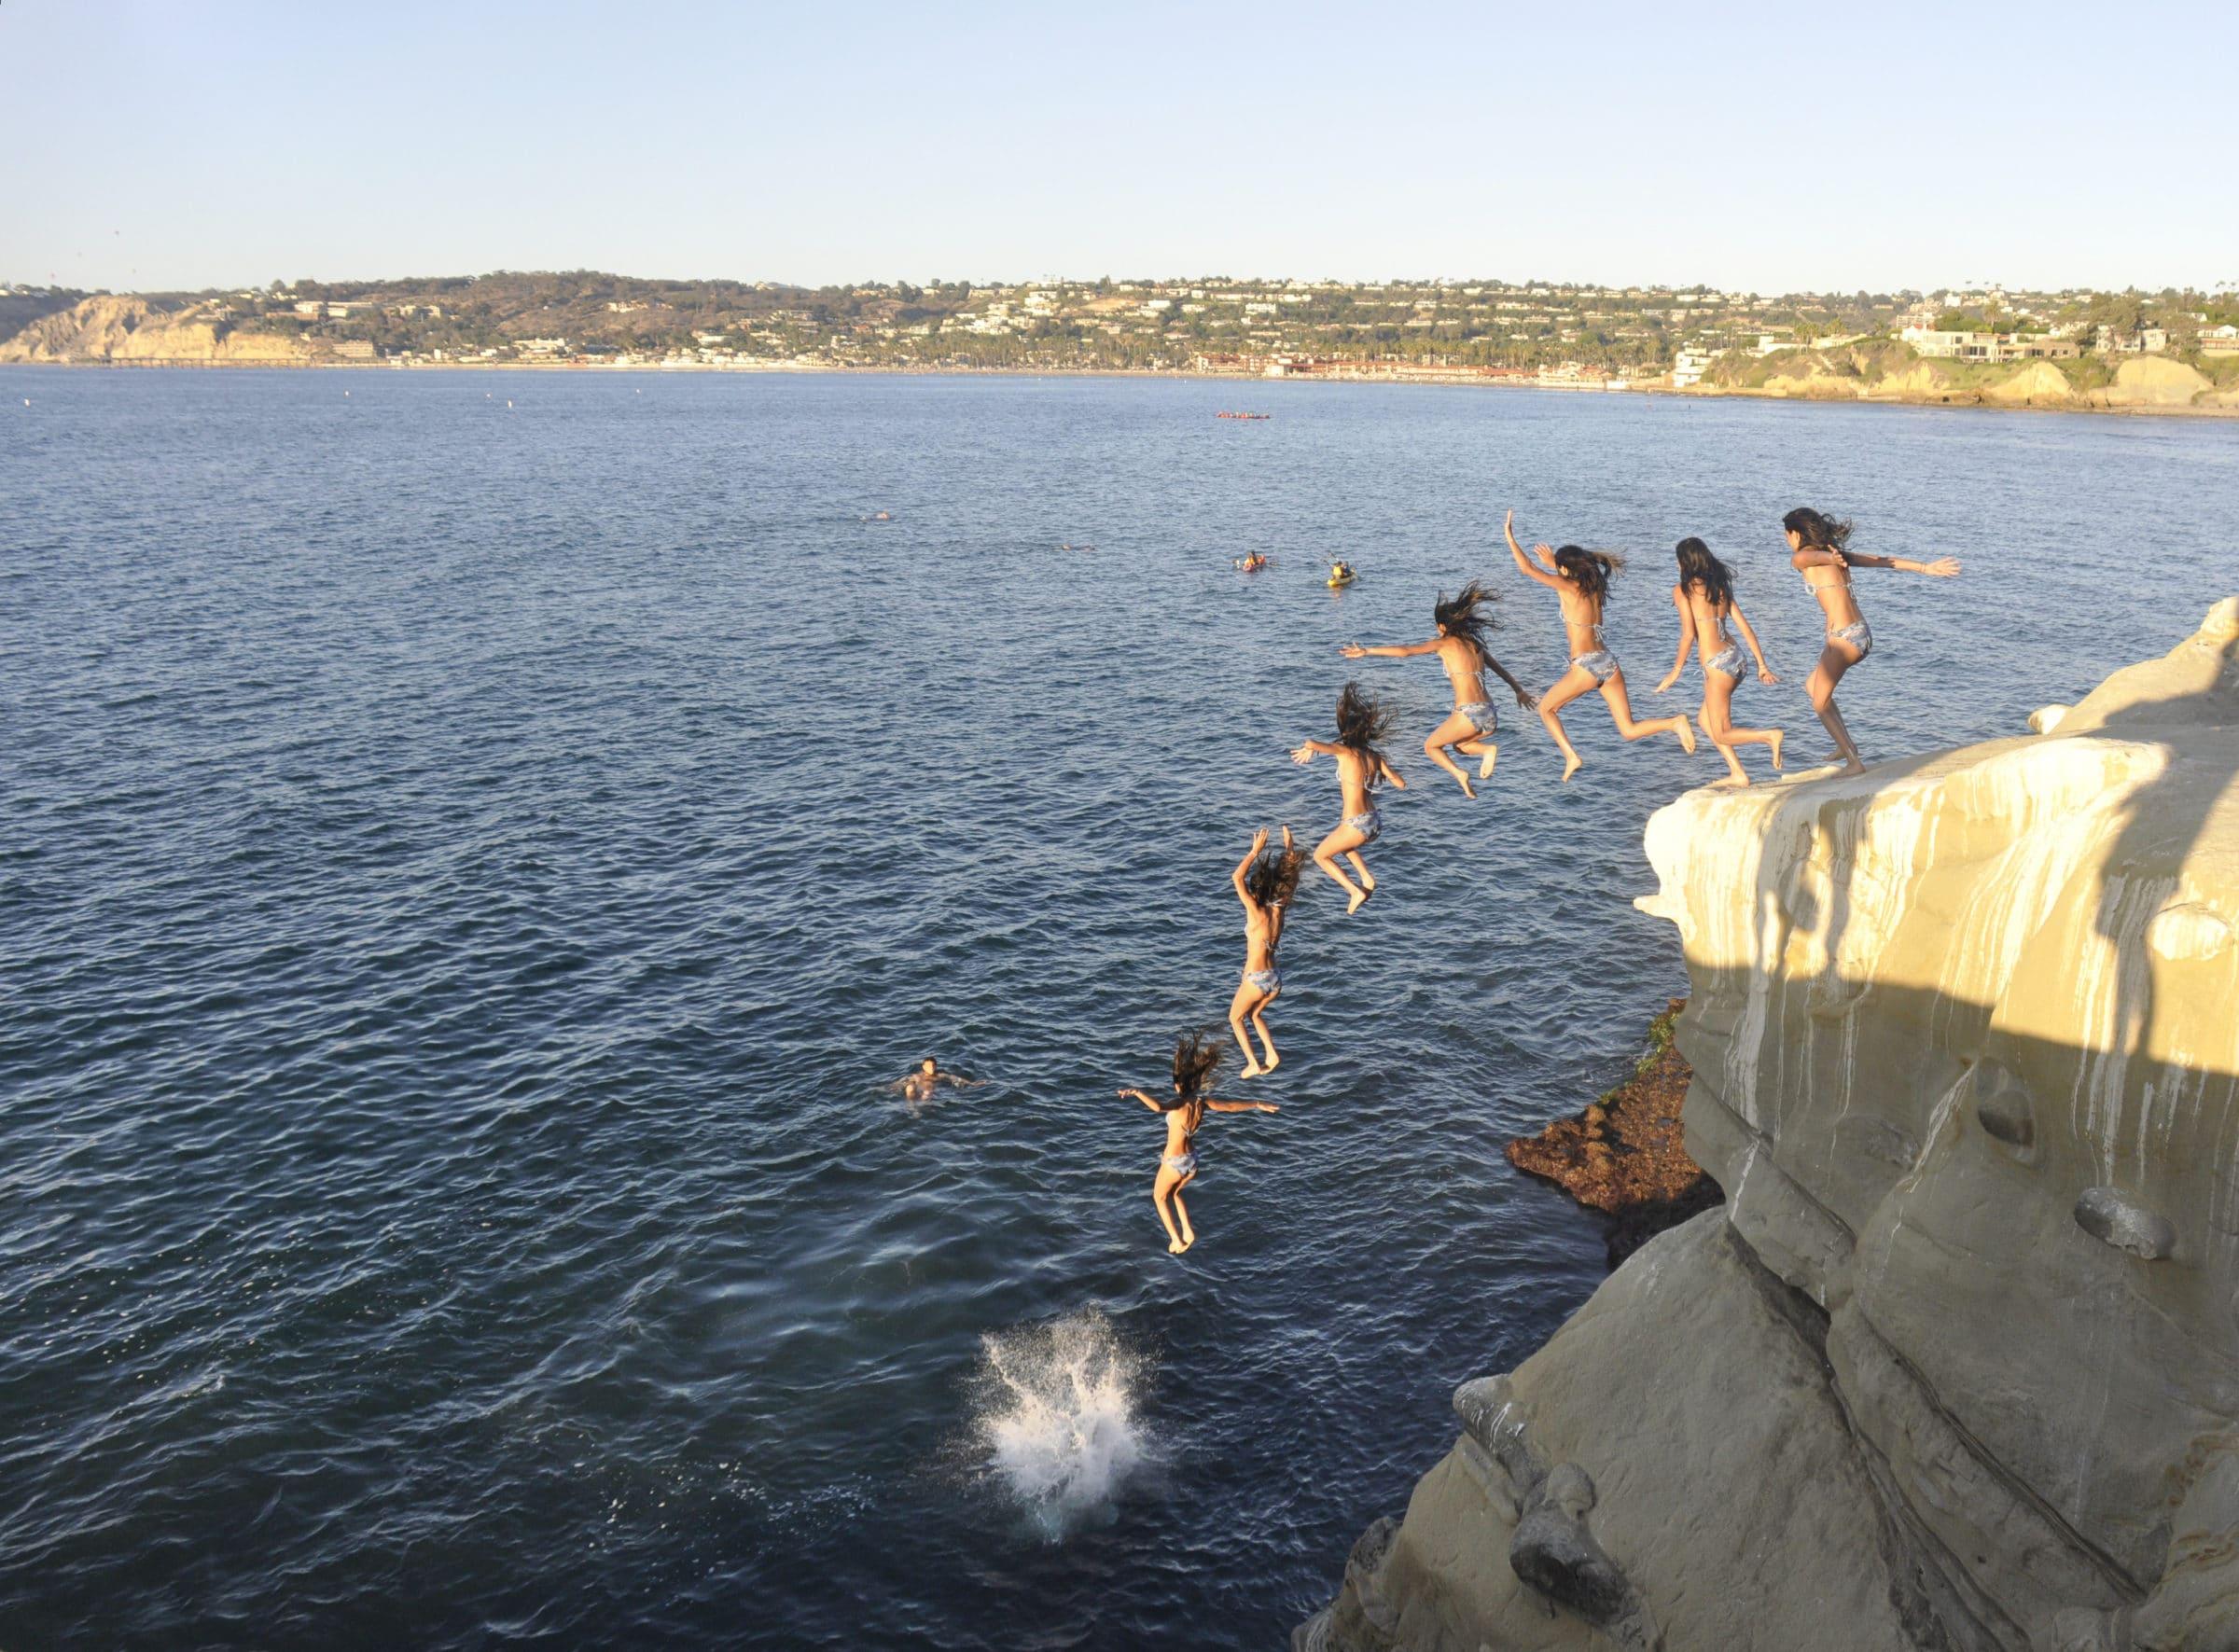 La_Jolla_Cove_cliff_diving